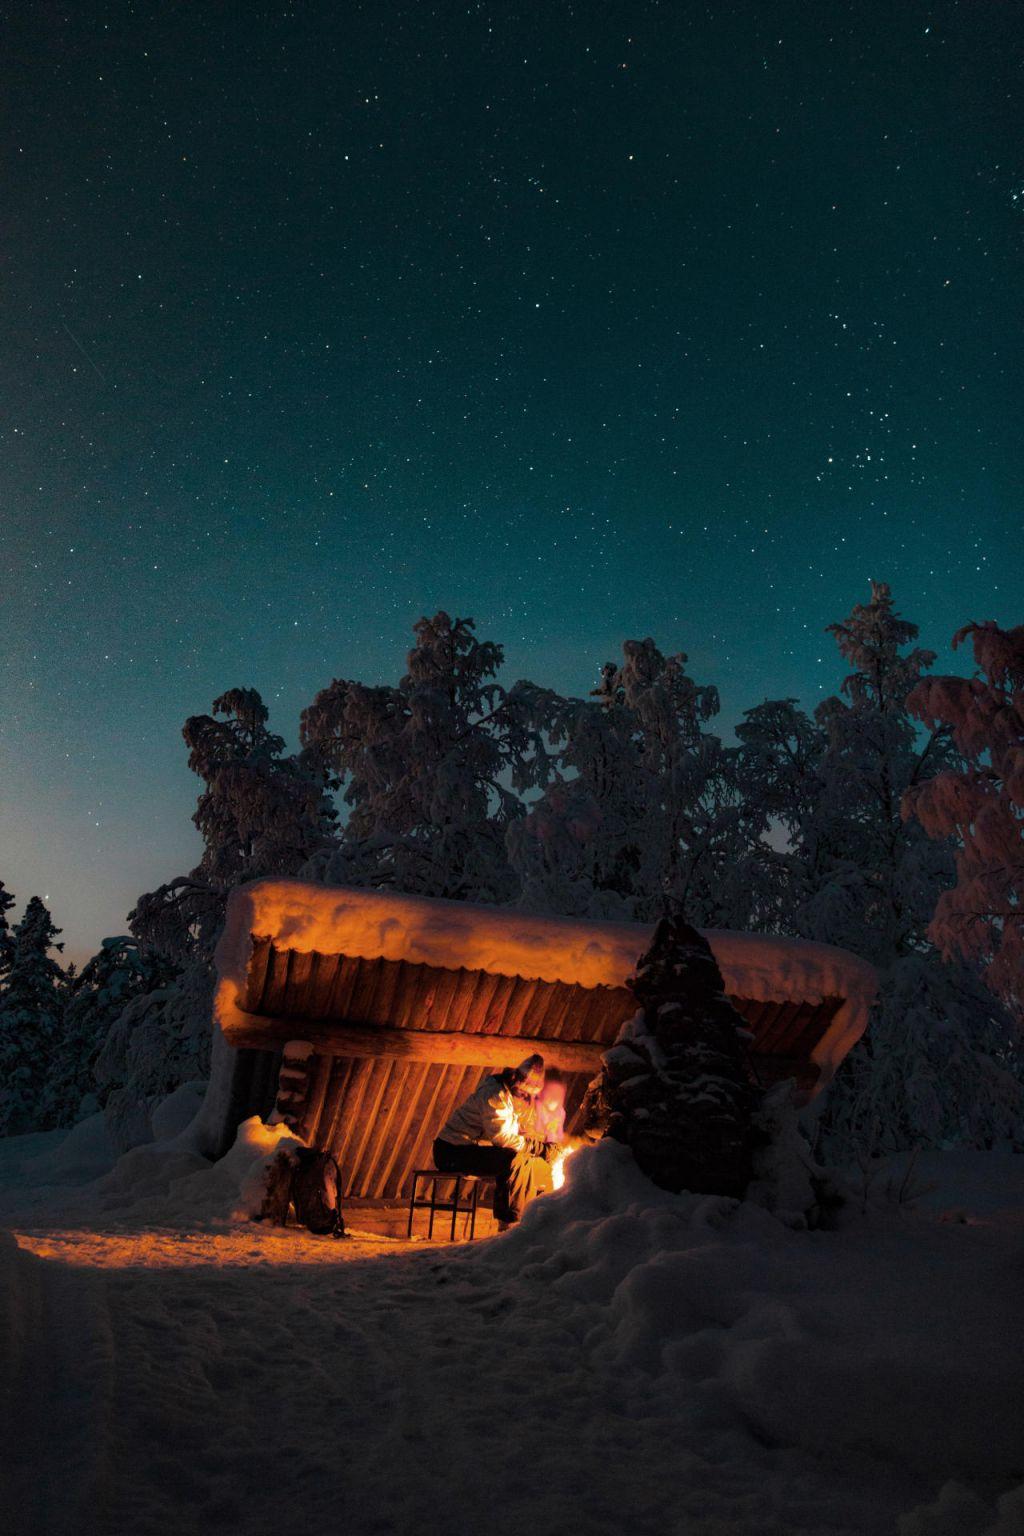 Under the stars in Akasmylly, Lapland